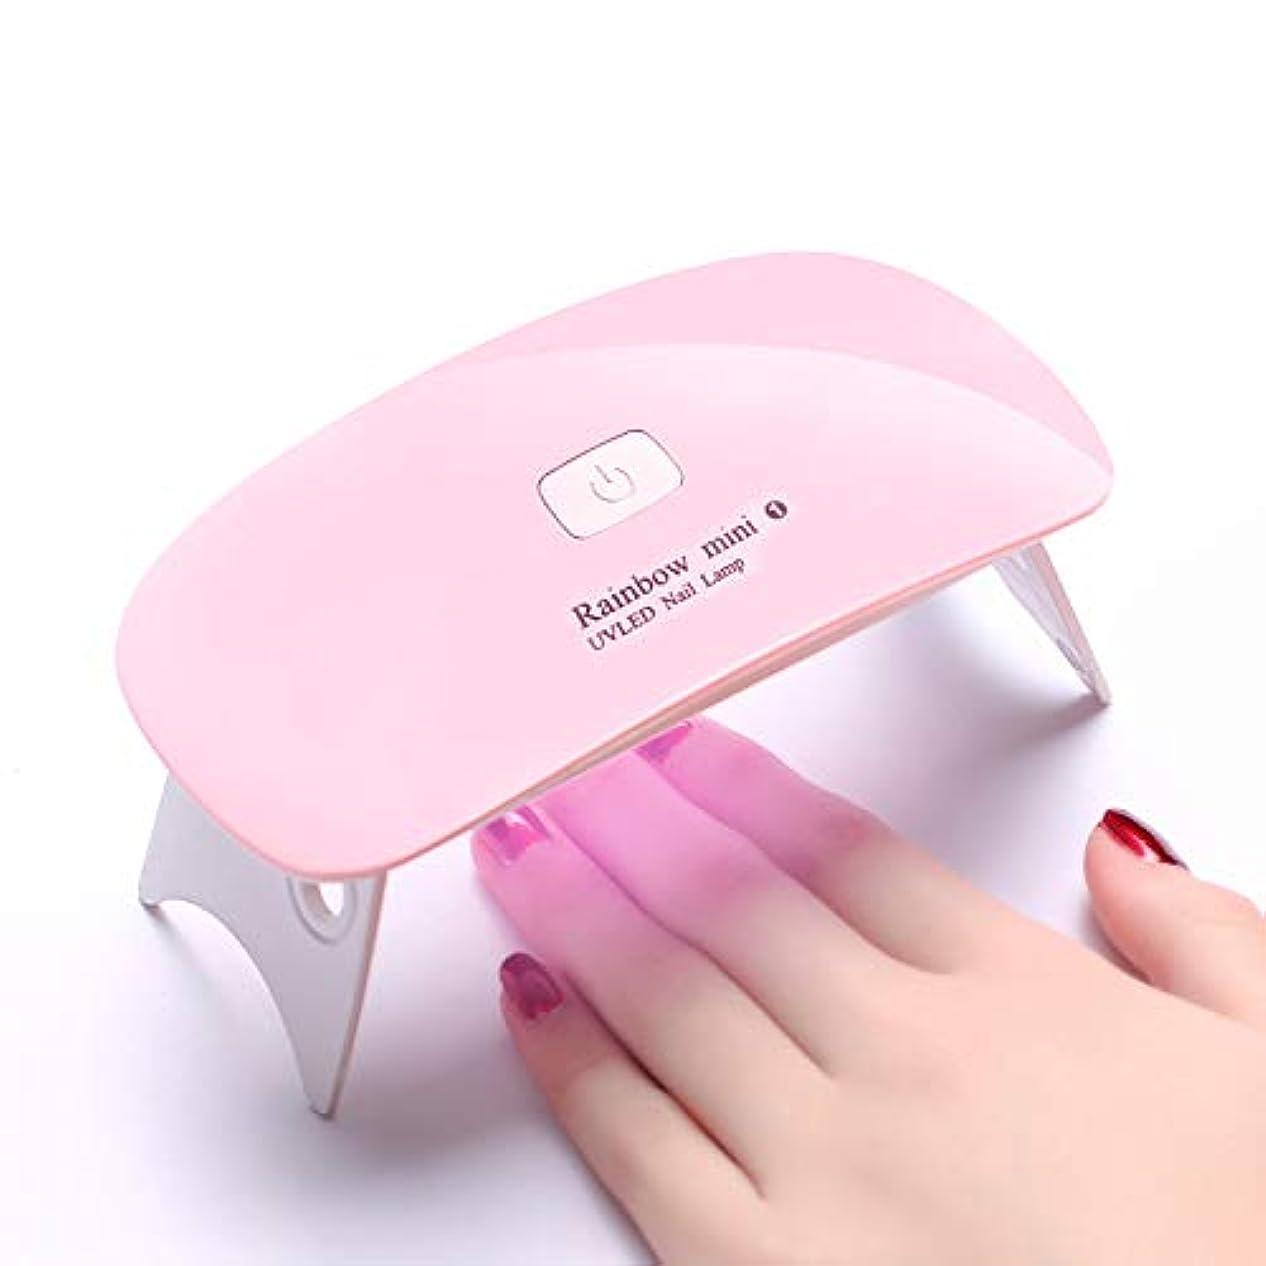 納得させる仕事に行く電池LEDネイルドライヤー UVライトRaintern タイマー設定可能 折りたたみ式手足とも使える 人感センサー式 LED 硬化ライト UV と LEDダブルライト ジェルネイル用 ピンク